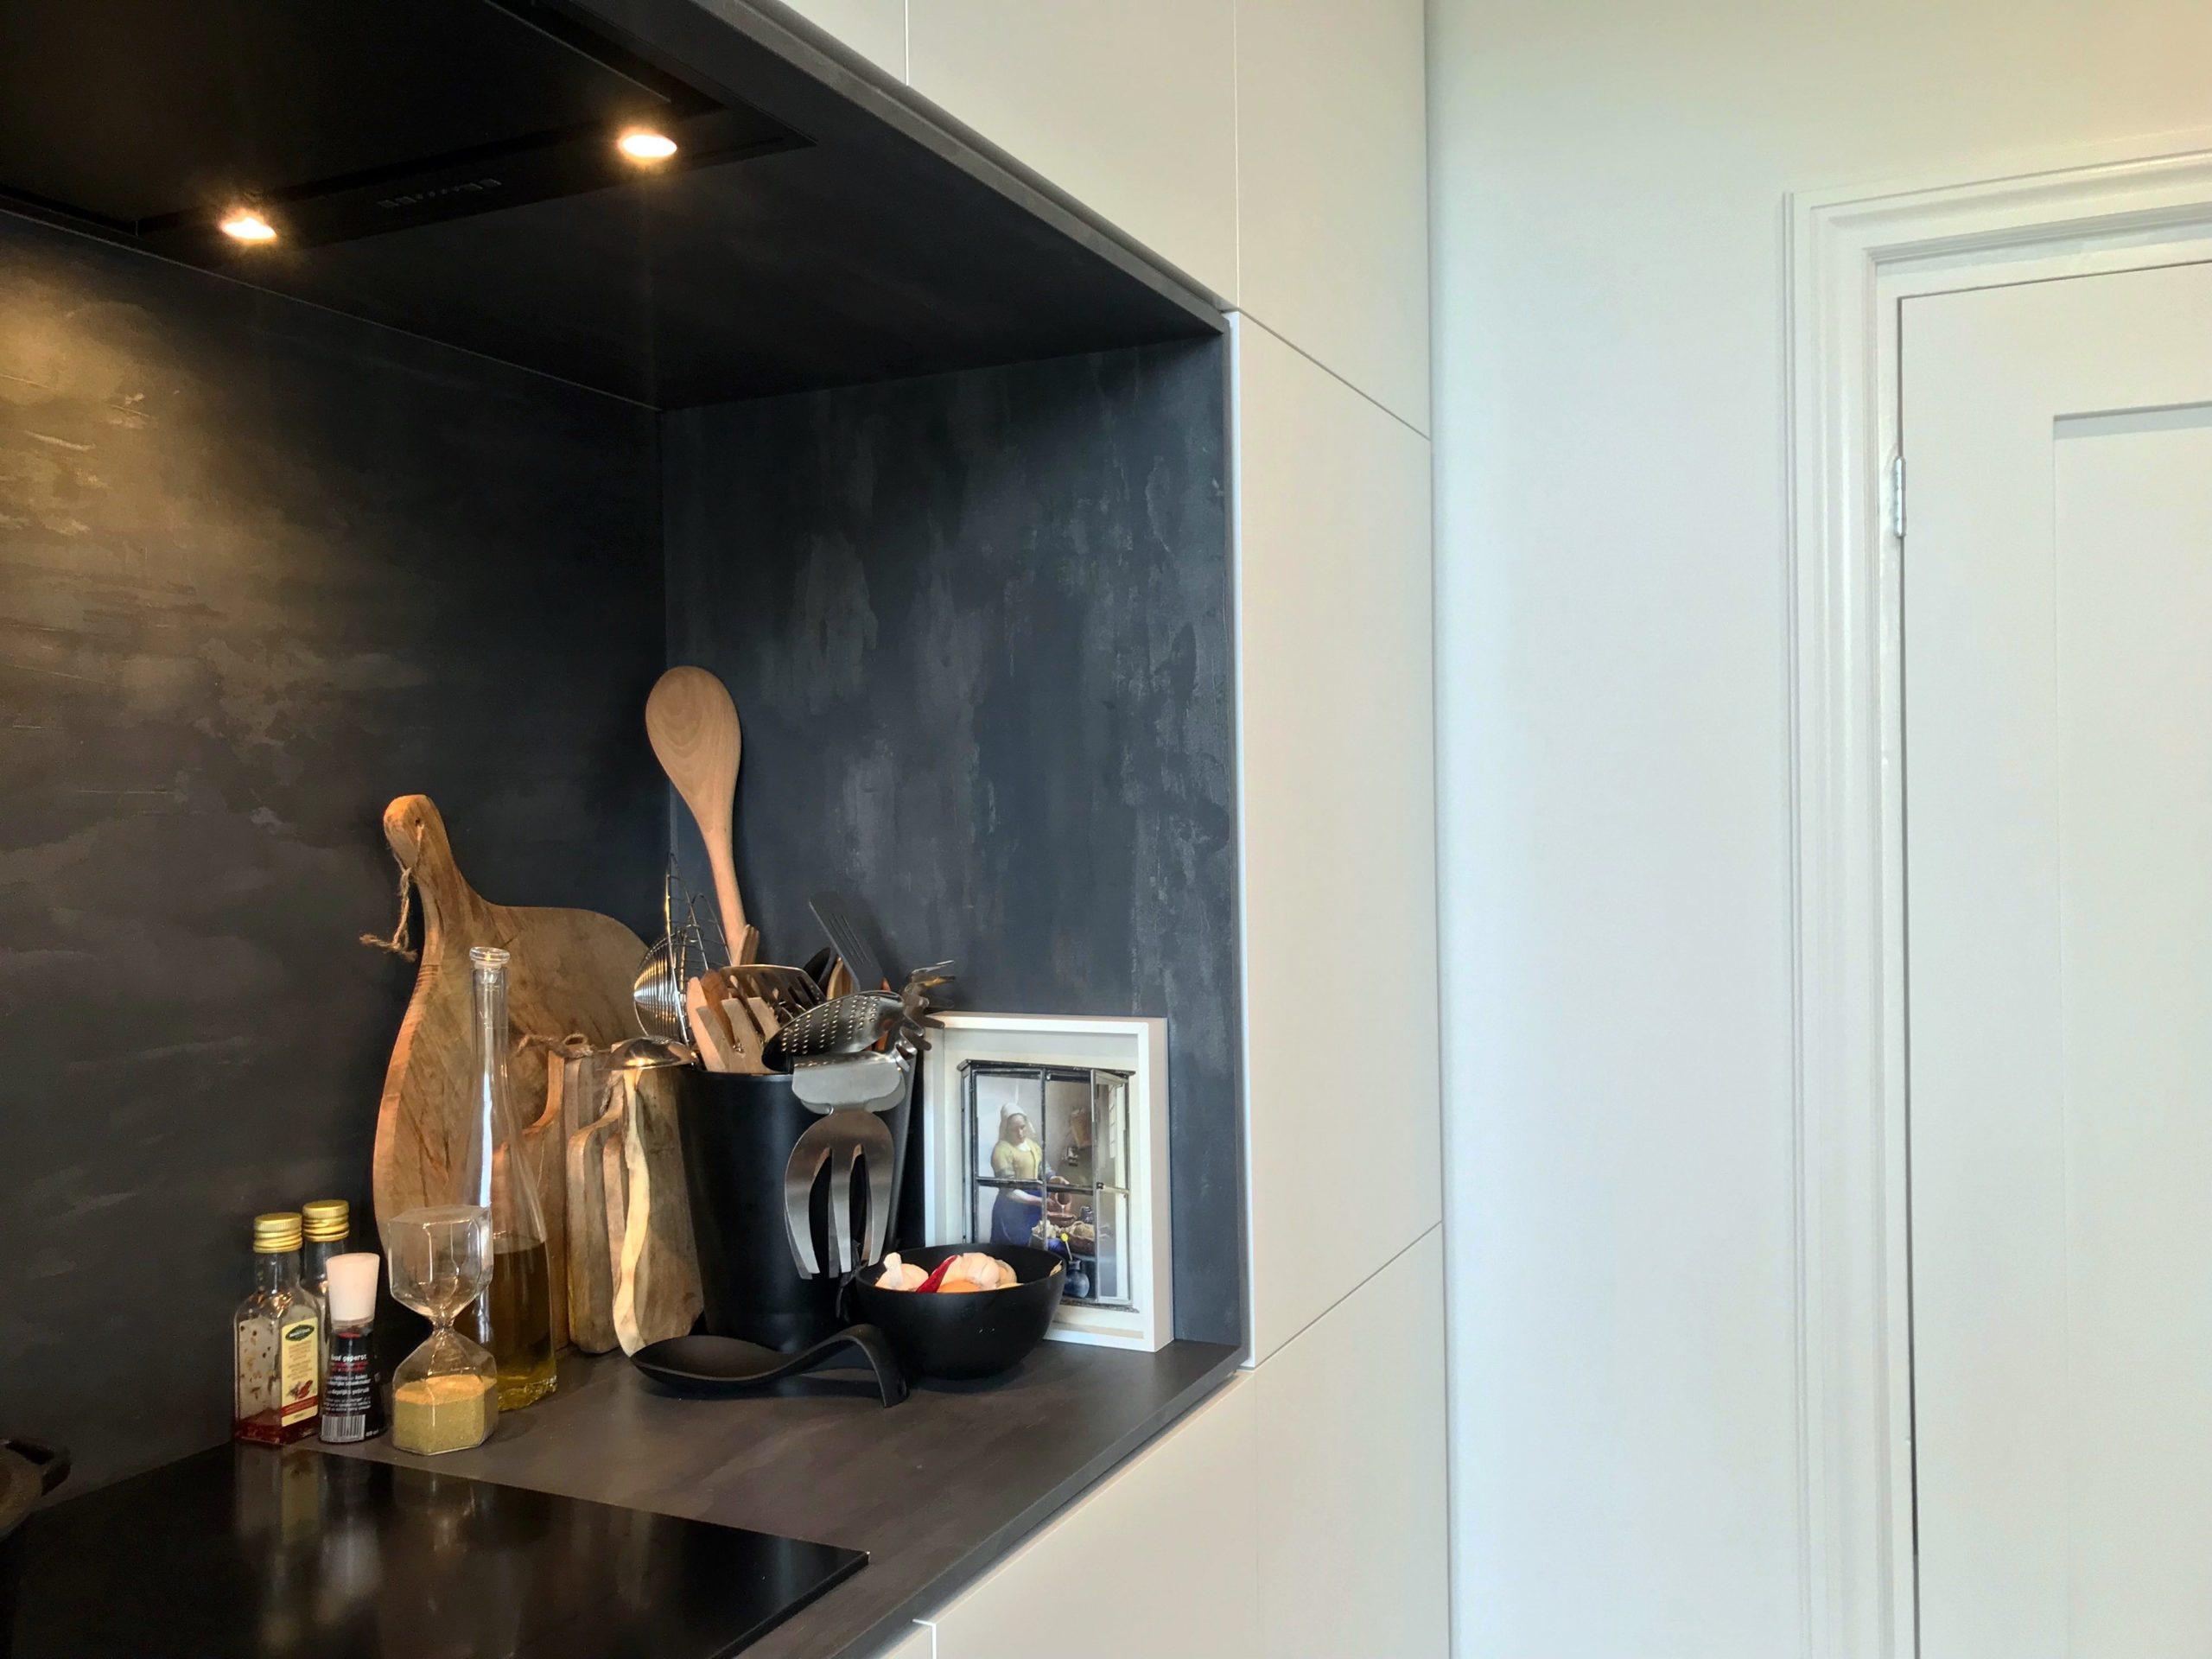 De keuken is dé centrale plek in een ruimte